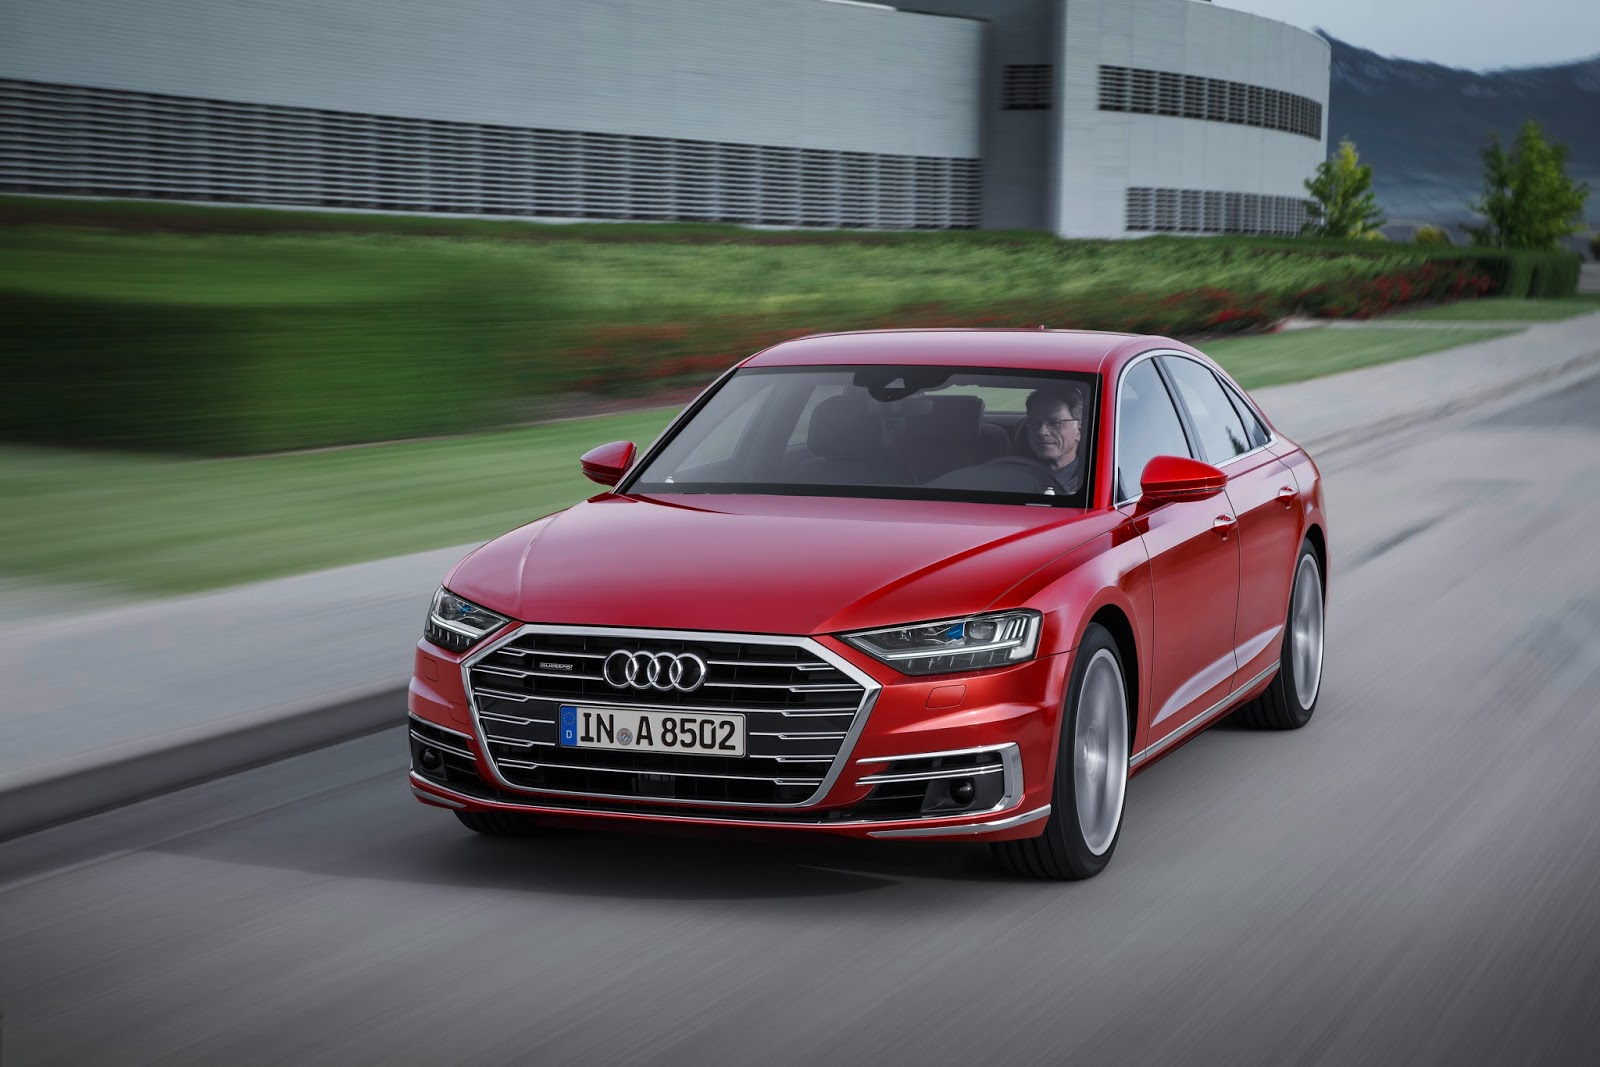 Audi A8 DOi moi 2018 ra măt